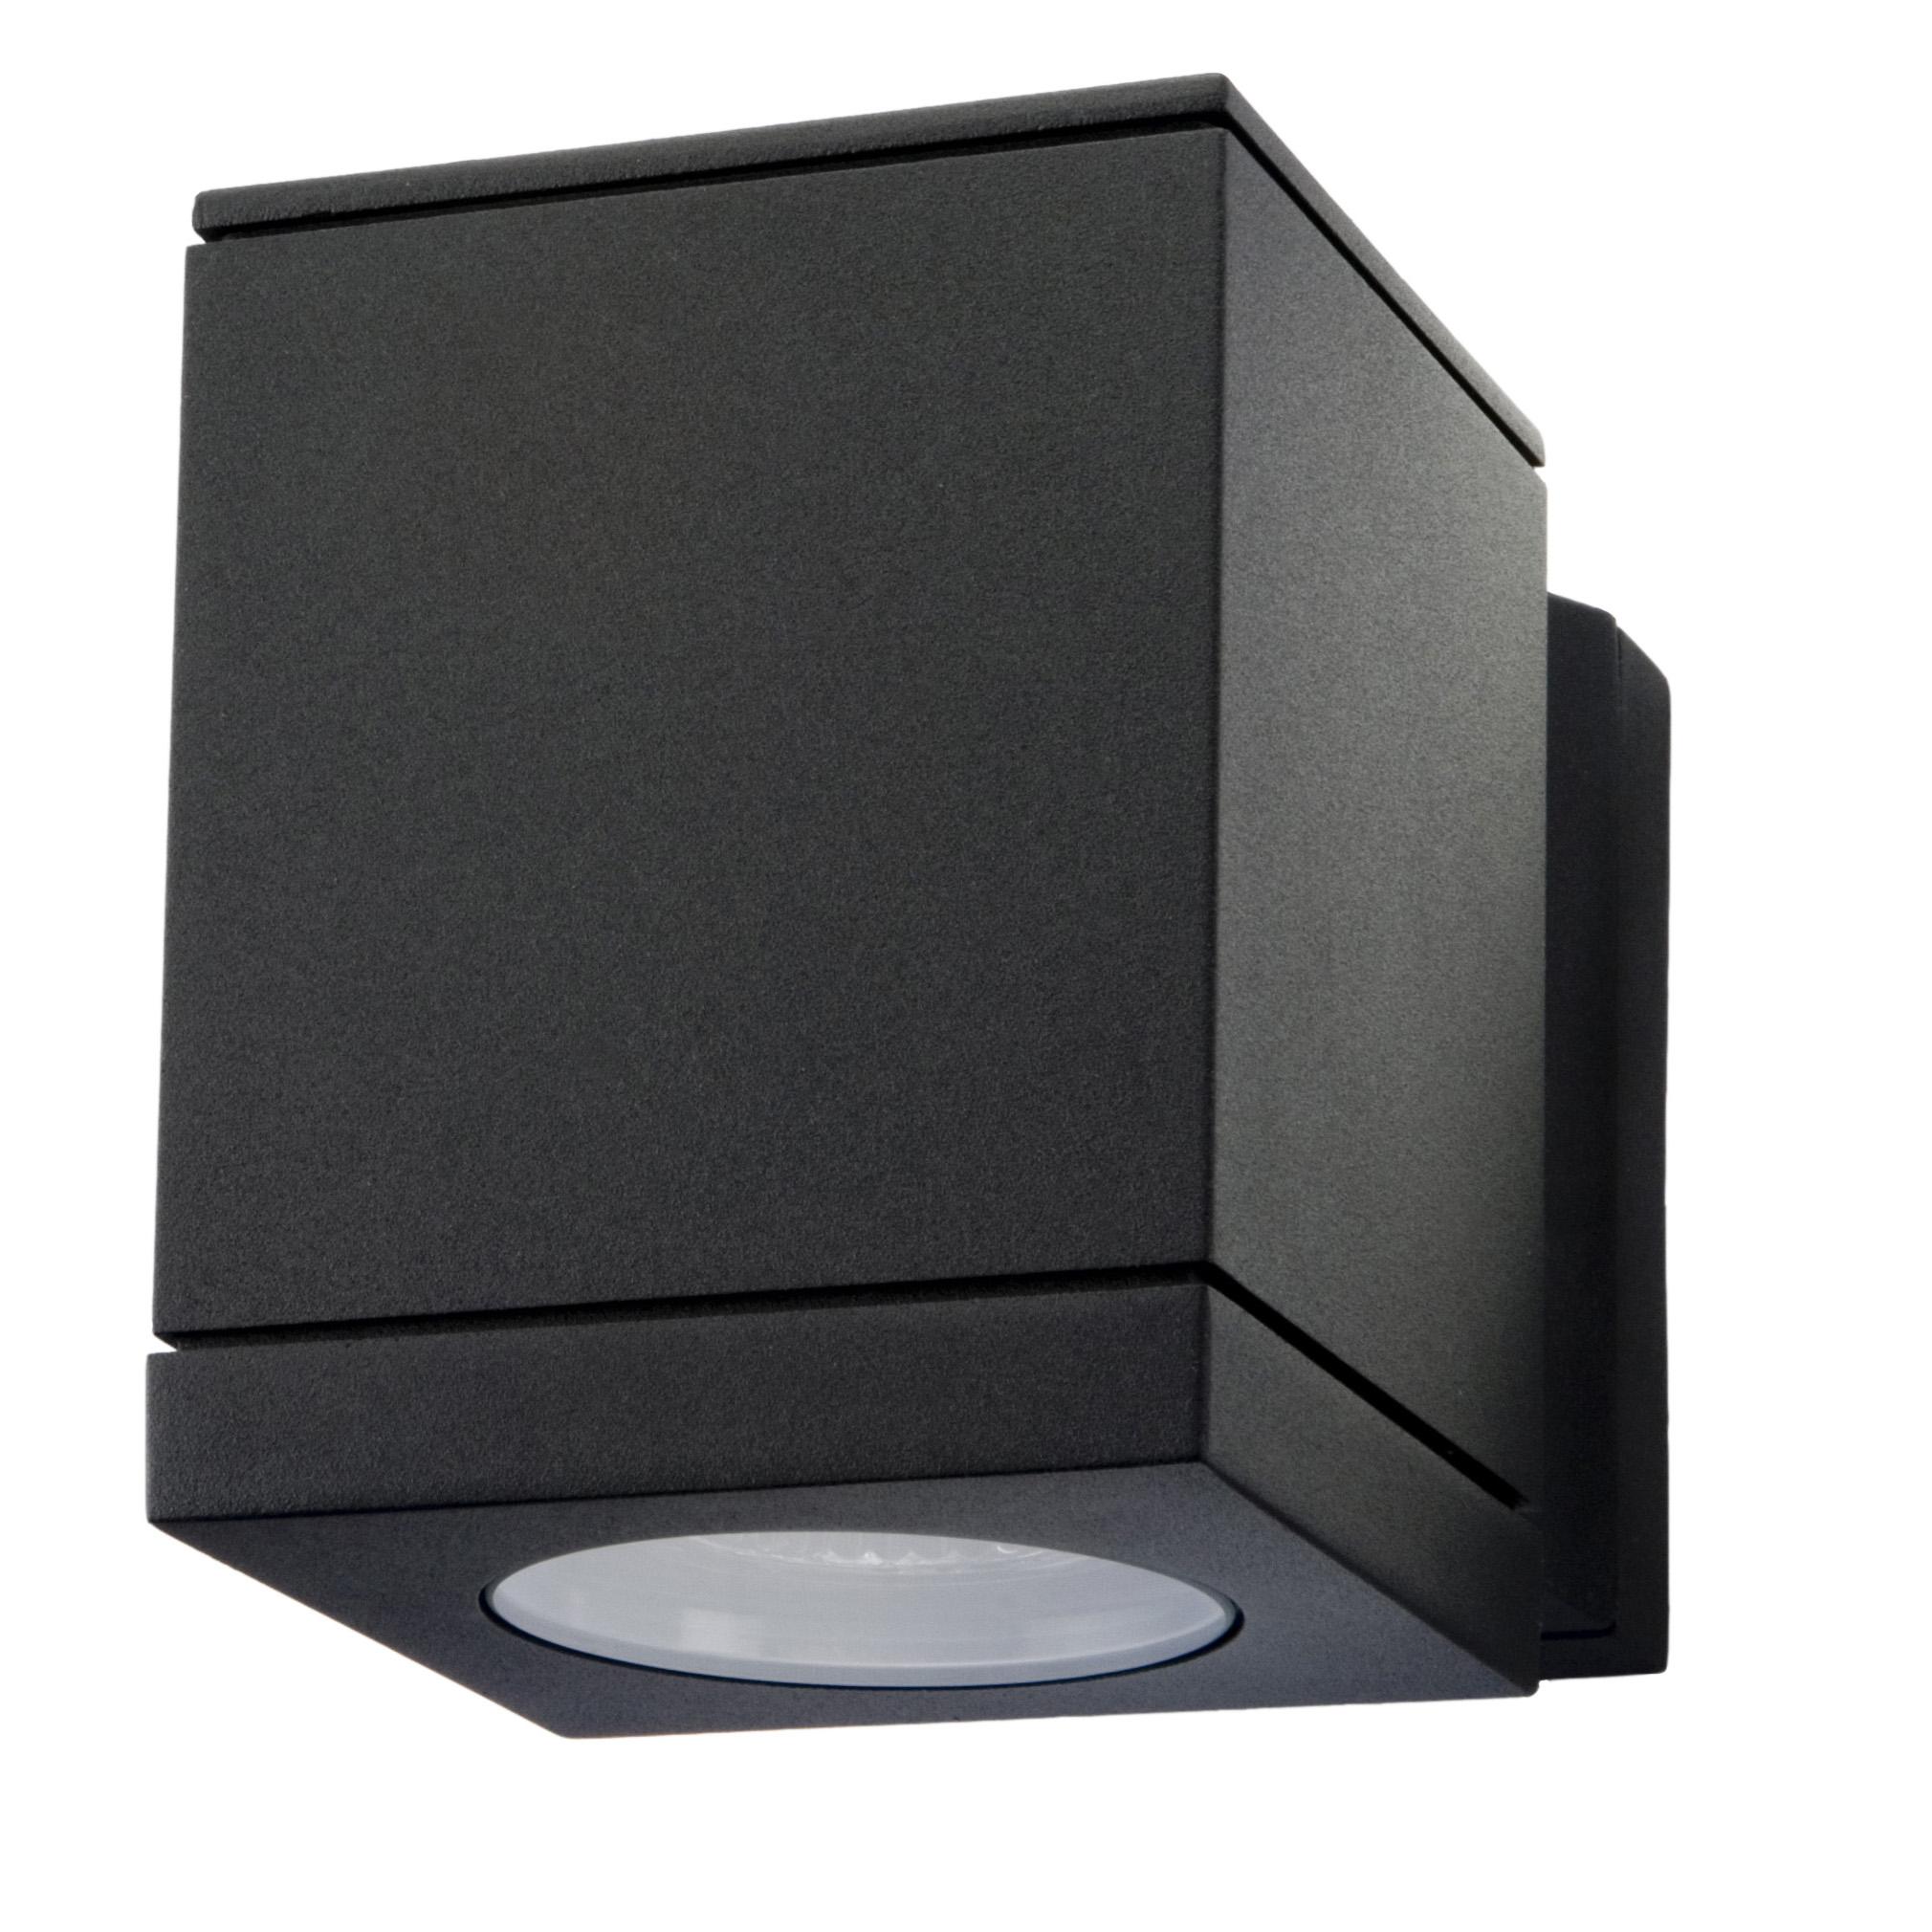 Wandlamp SG lighting LED Metro zwart